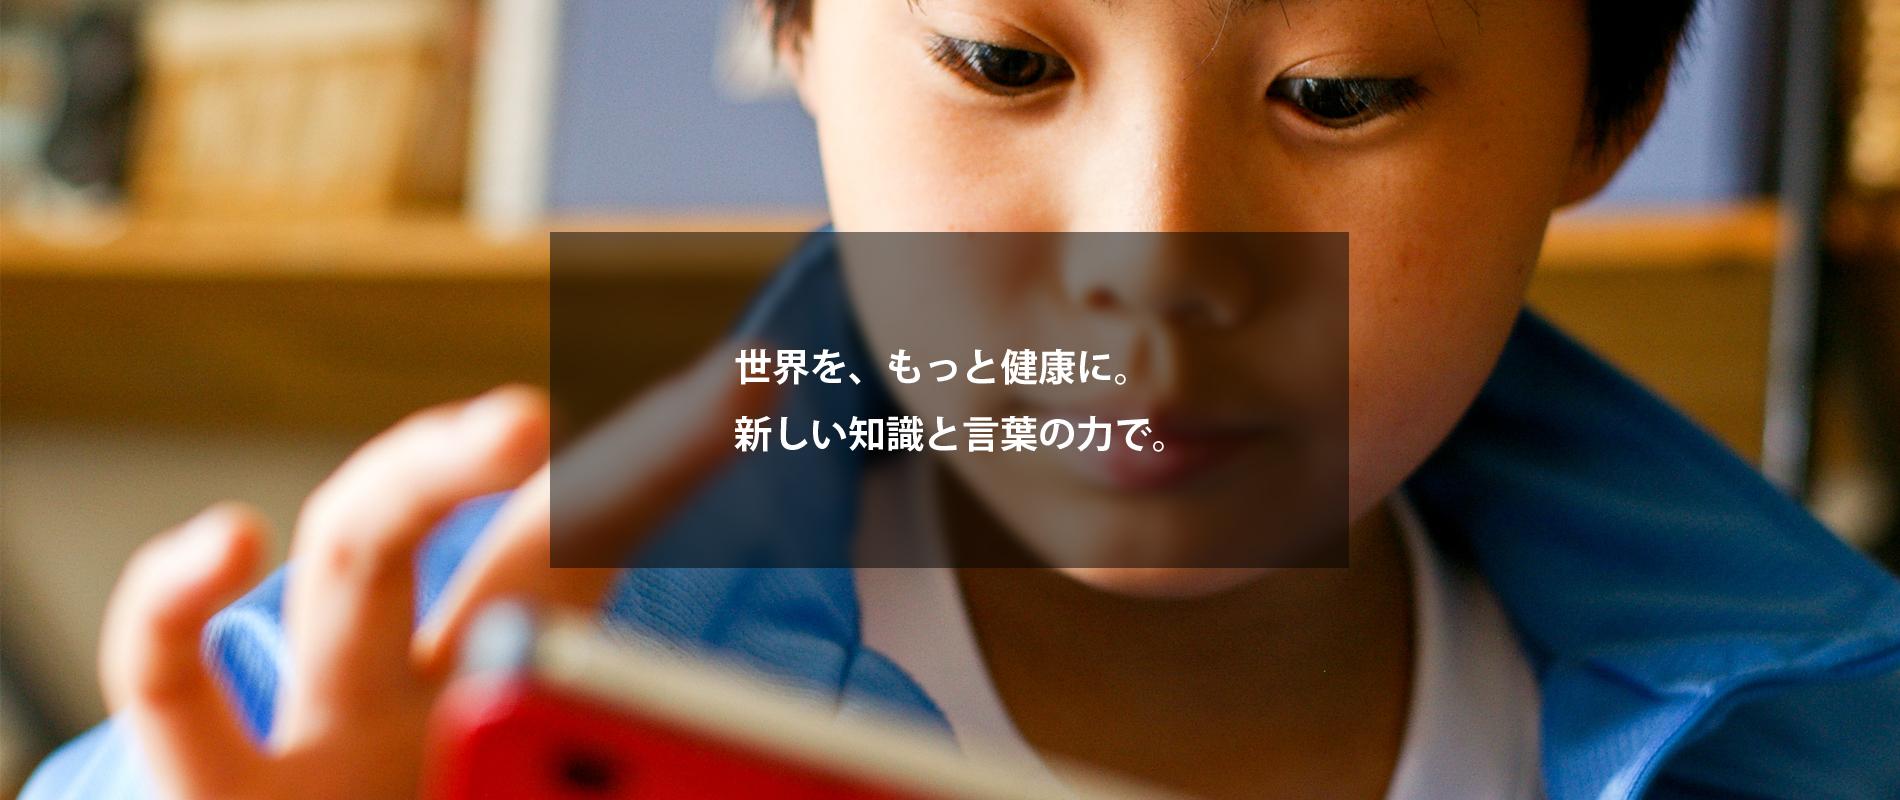 世界を、もっと健康に。 新しい知識と言葉の力で。